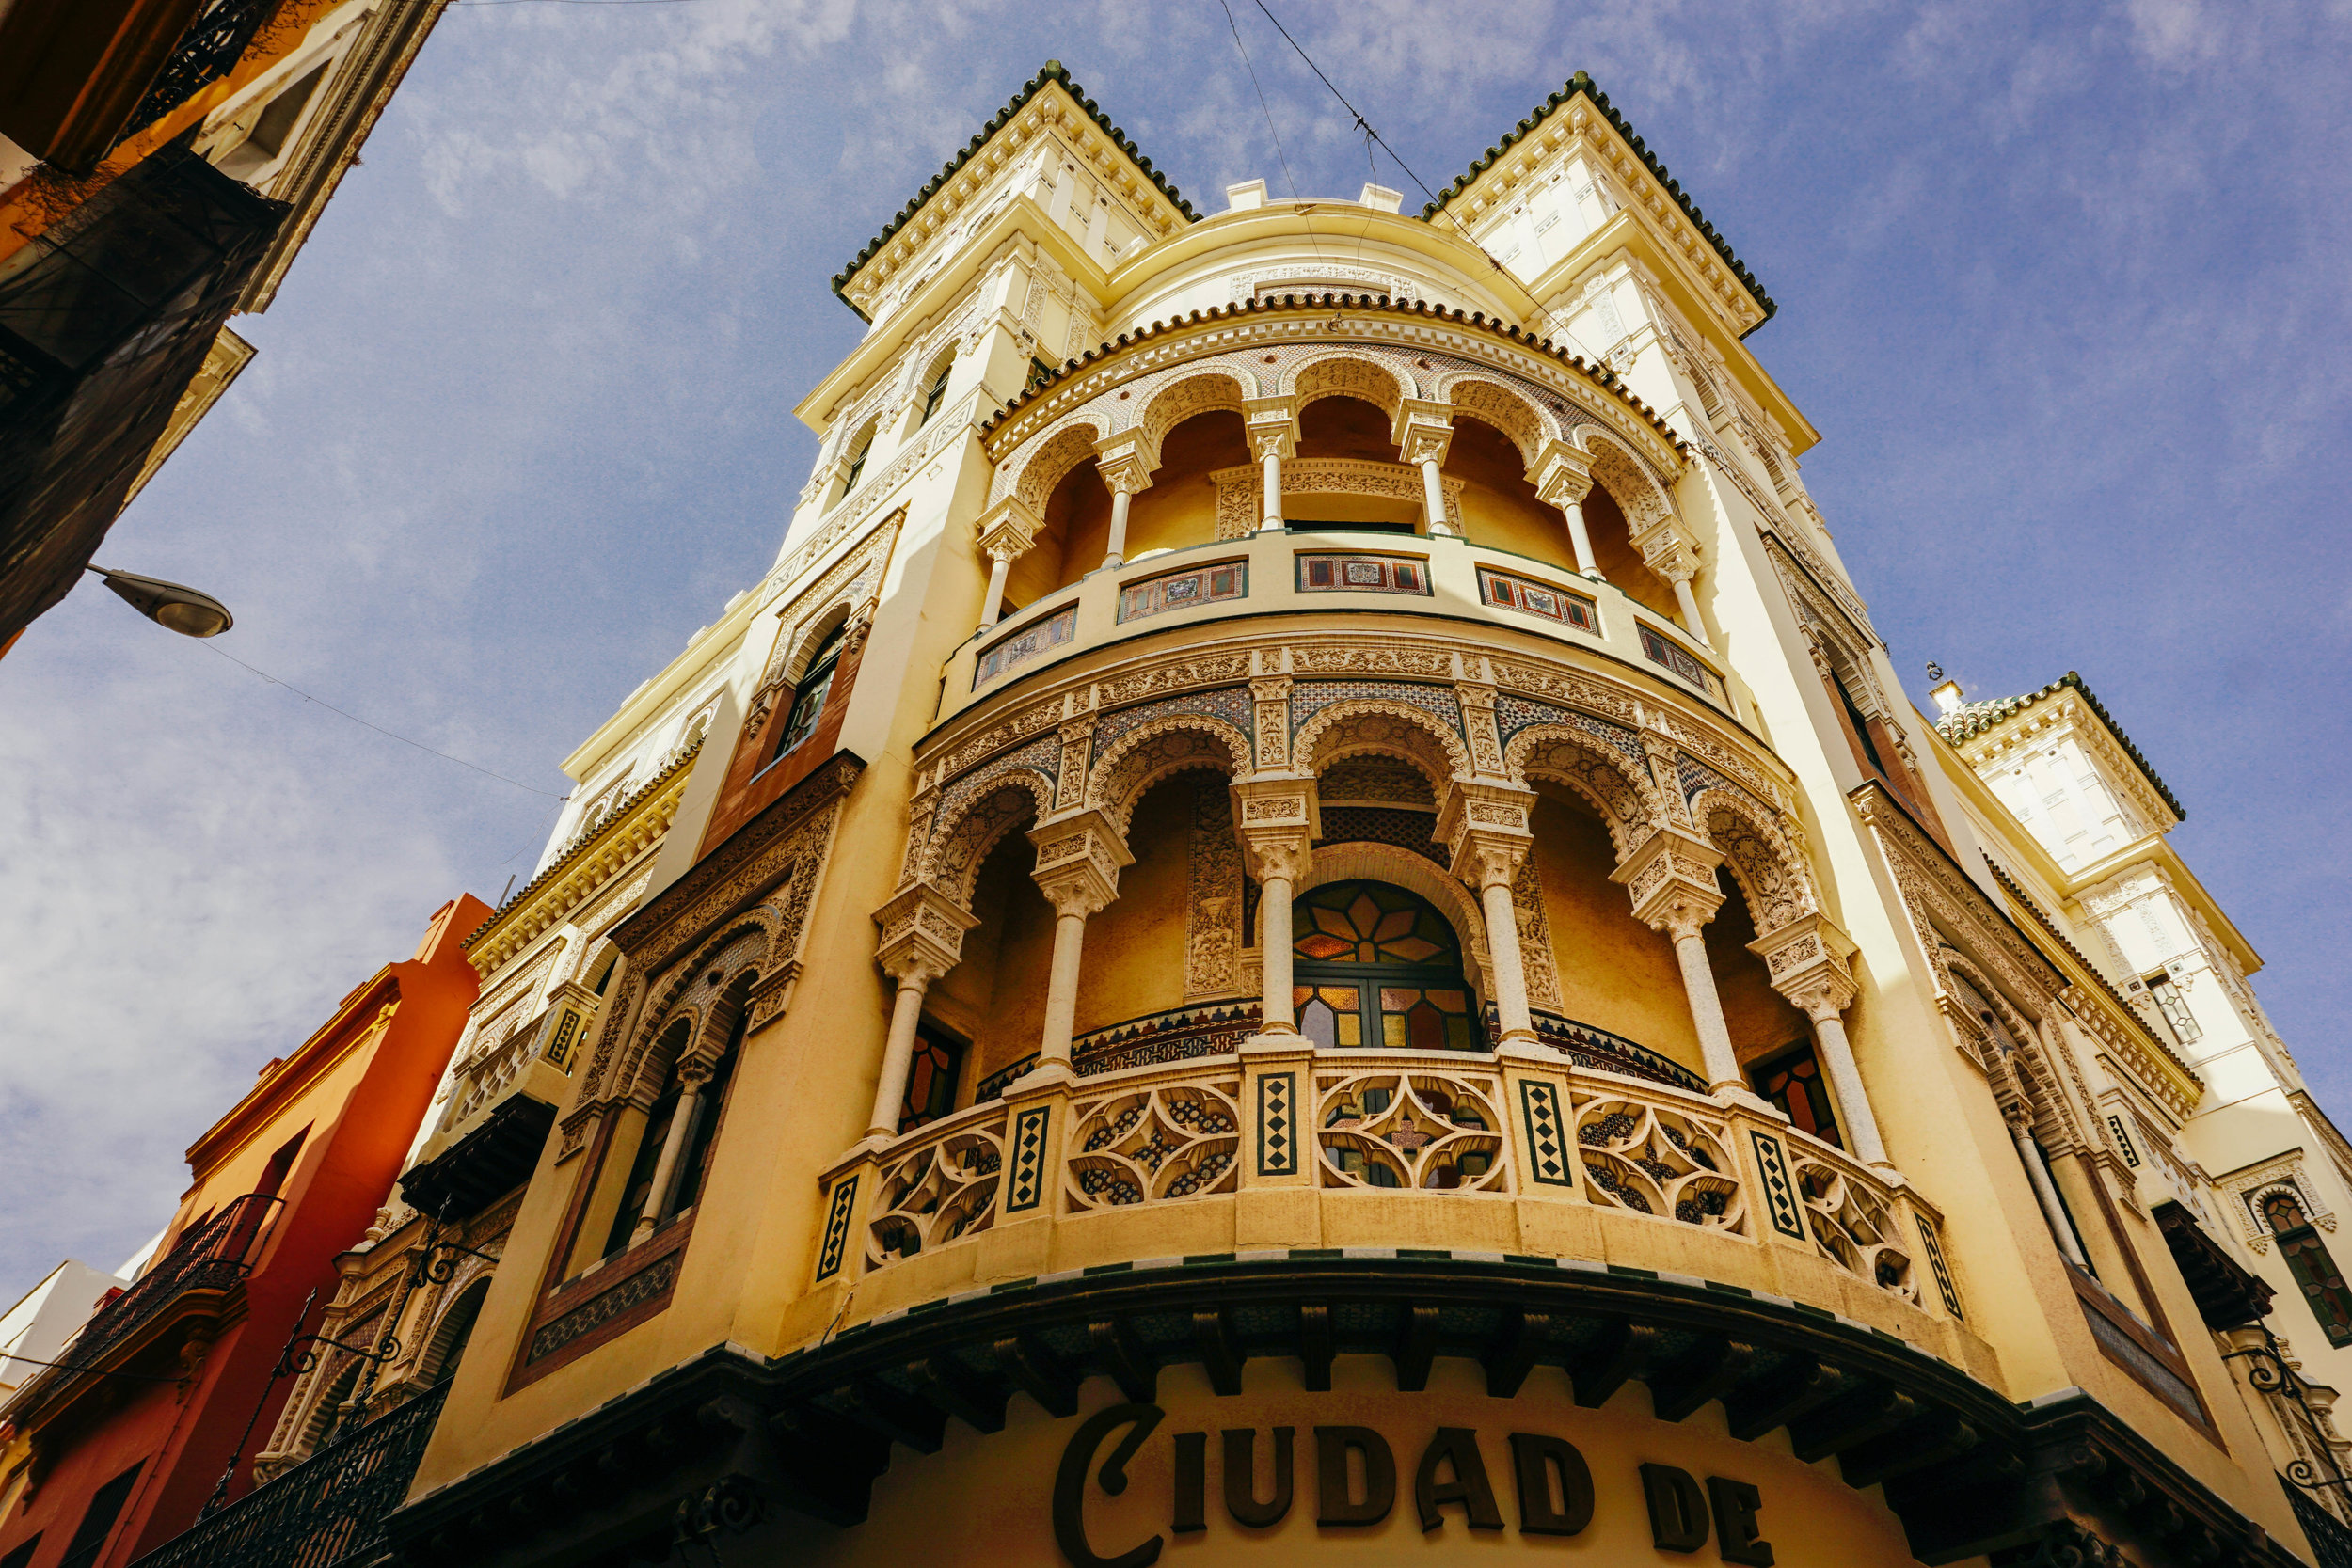 Alcazar, Seville, Spain. Travel Guide to Seville.